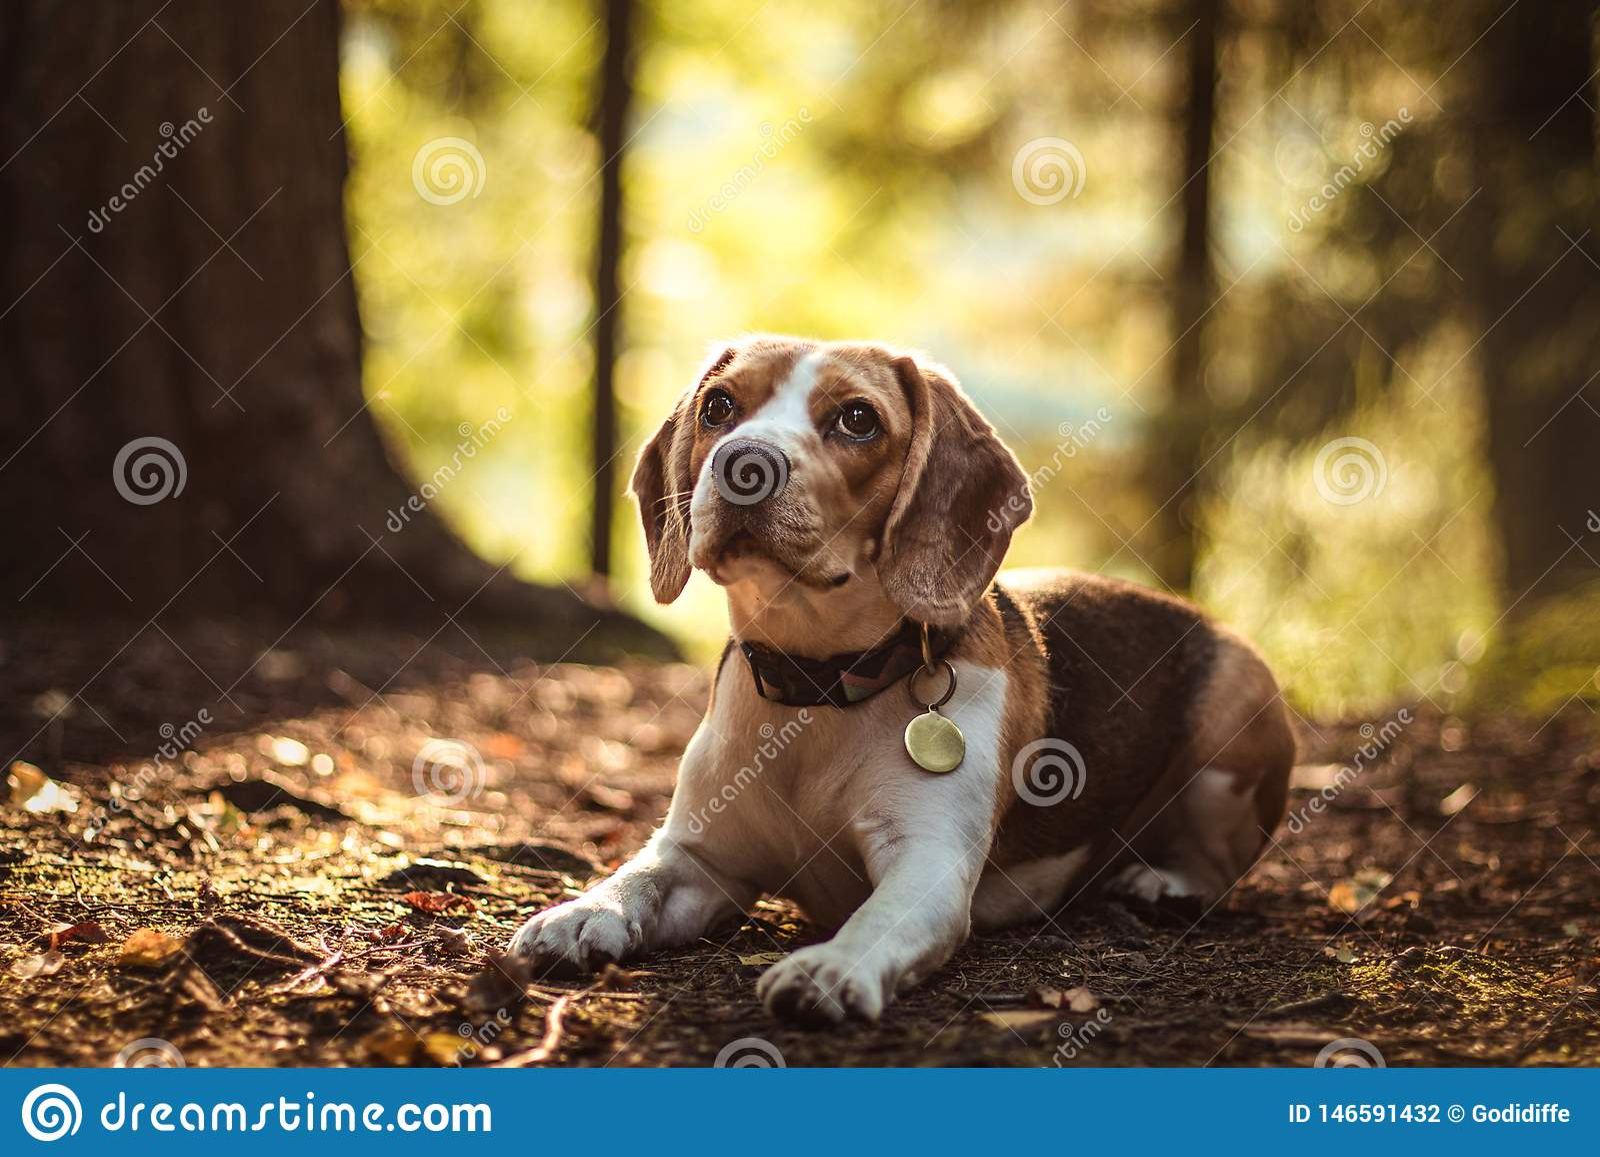 Sch?ner Sp?rhundjagdhund mit Hintergrund mit Raum f?r etwas